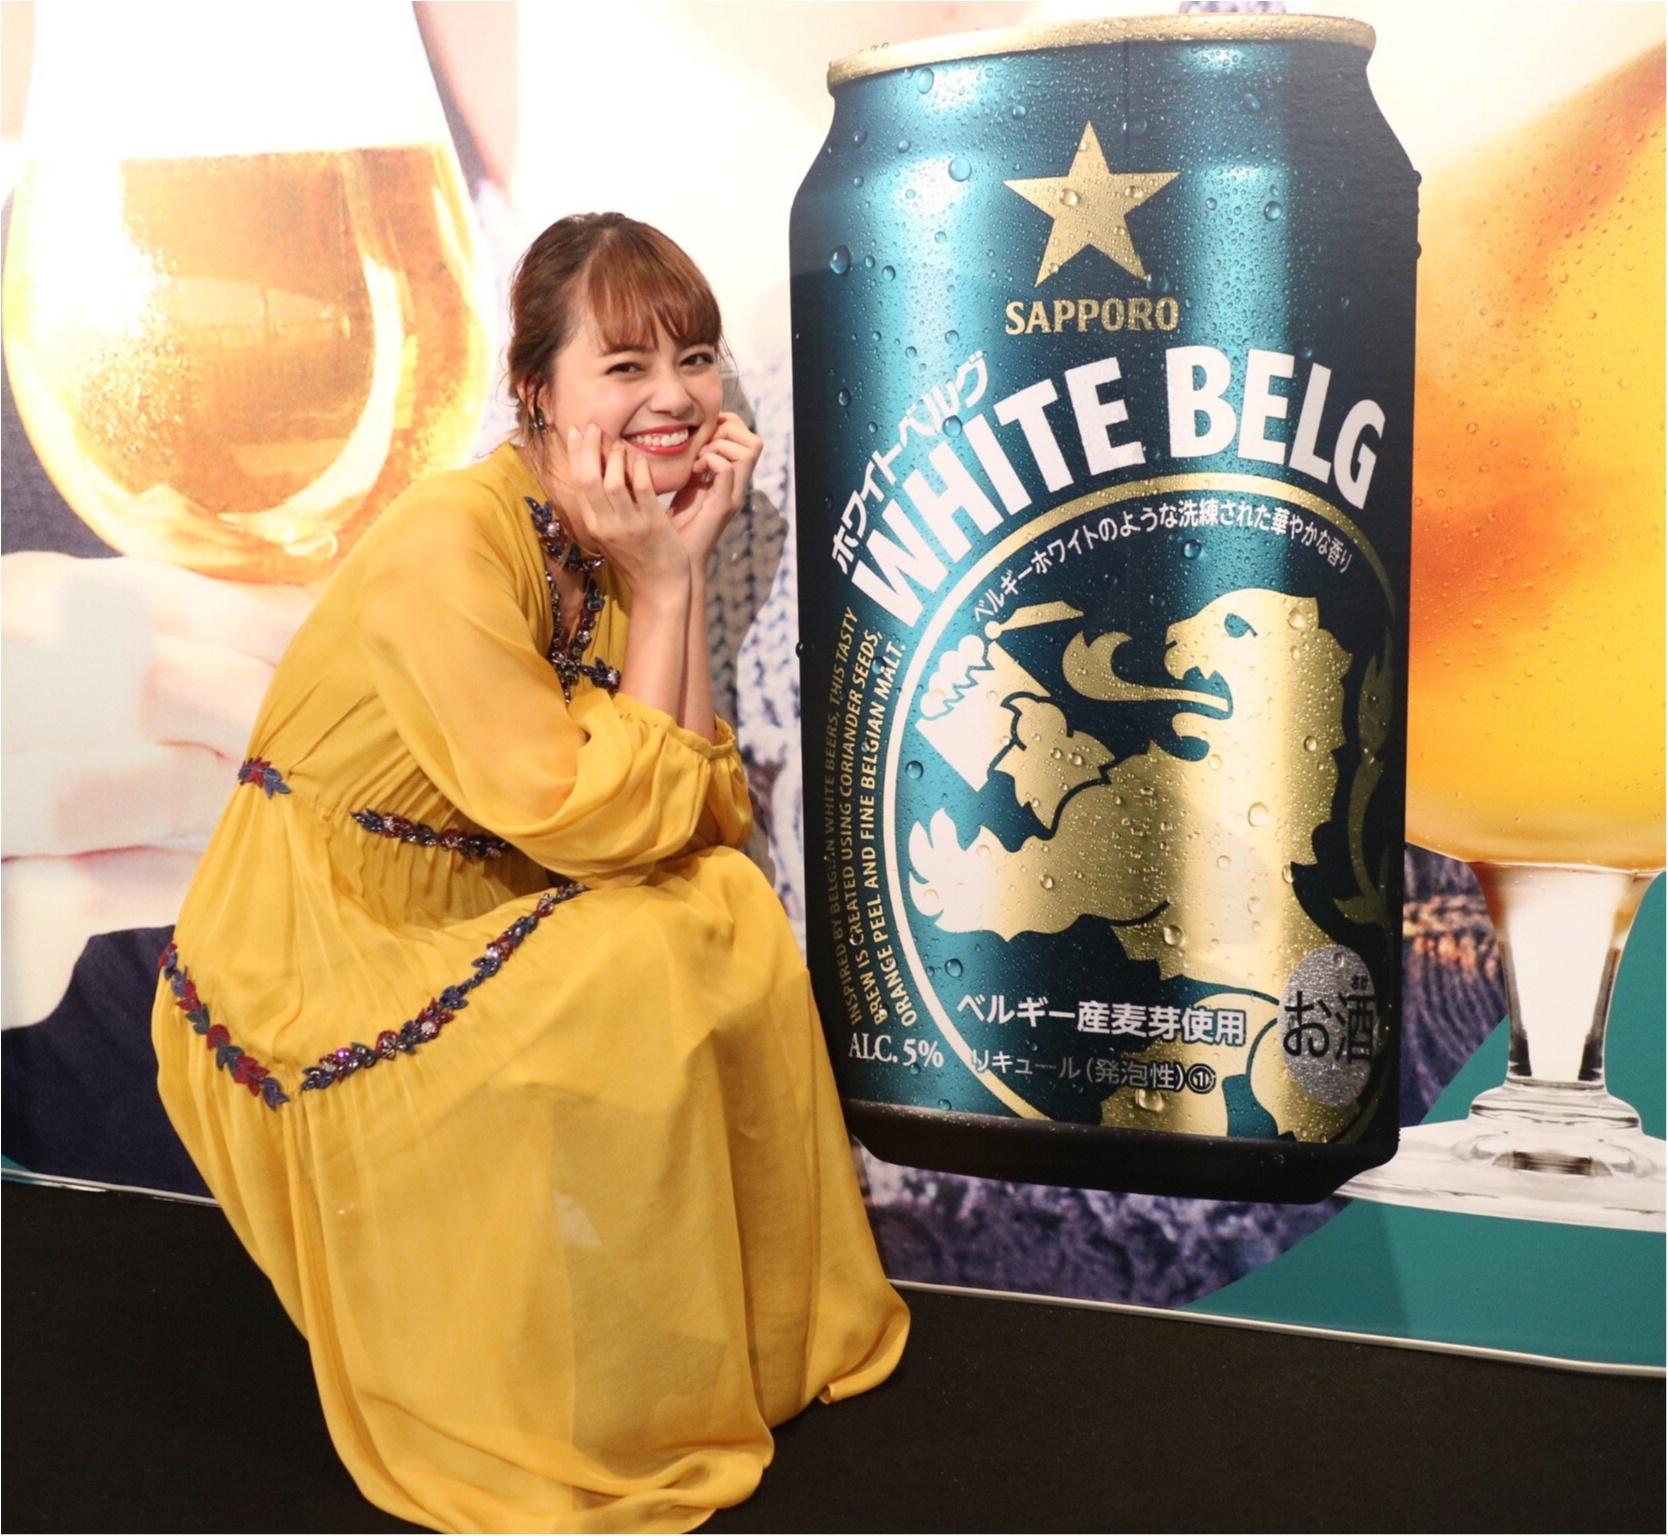 岸本セシルおすすめ♡ 『ホワイトベルグゼミ』ファンイベントに潜入してきました!_6